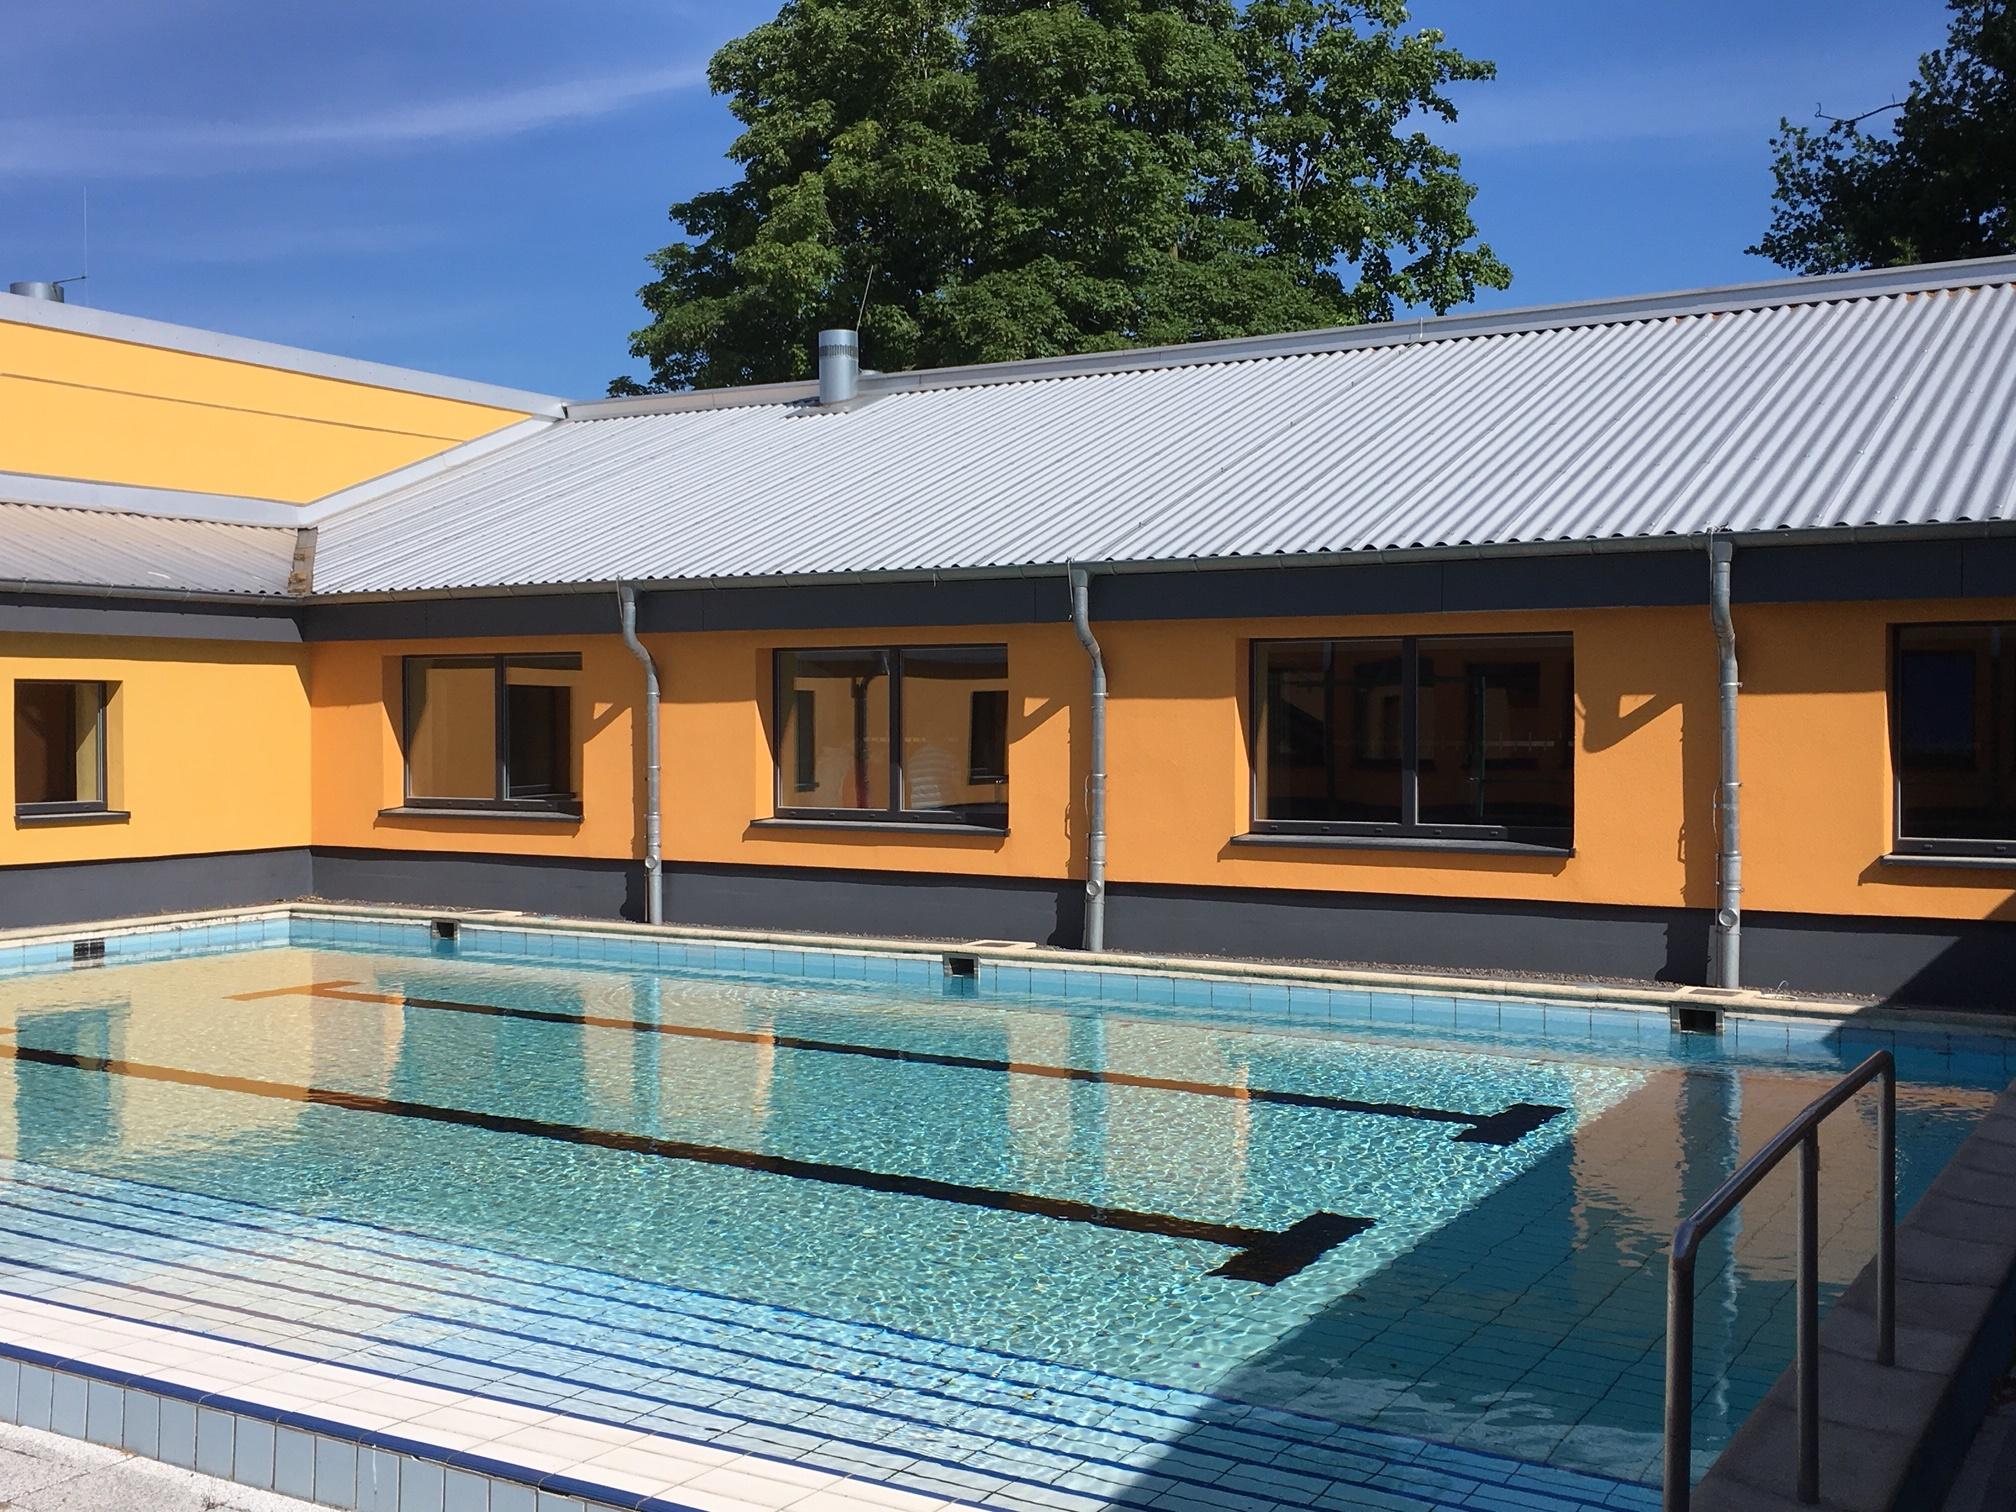 Lehrschwimmbecken Der Stecknitz-Schule Lädt Zum Schwimmen Ein